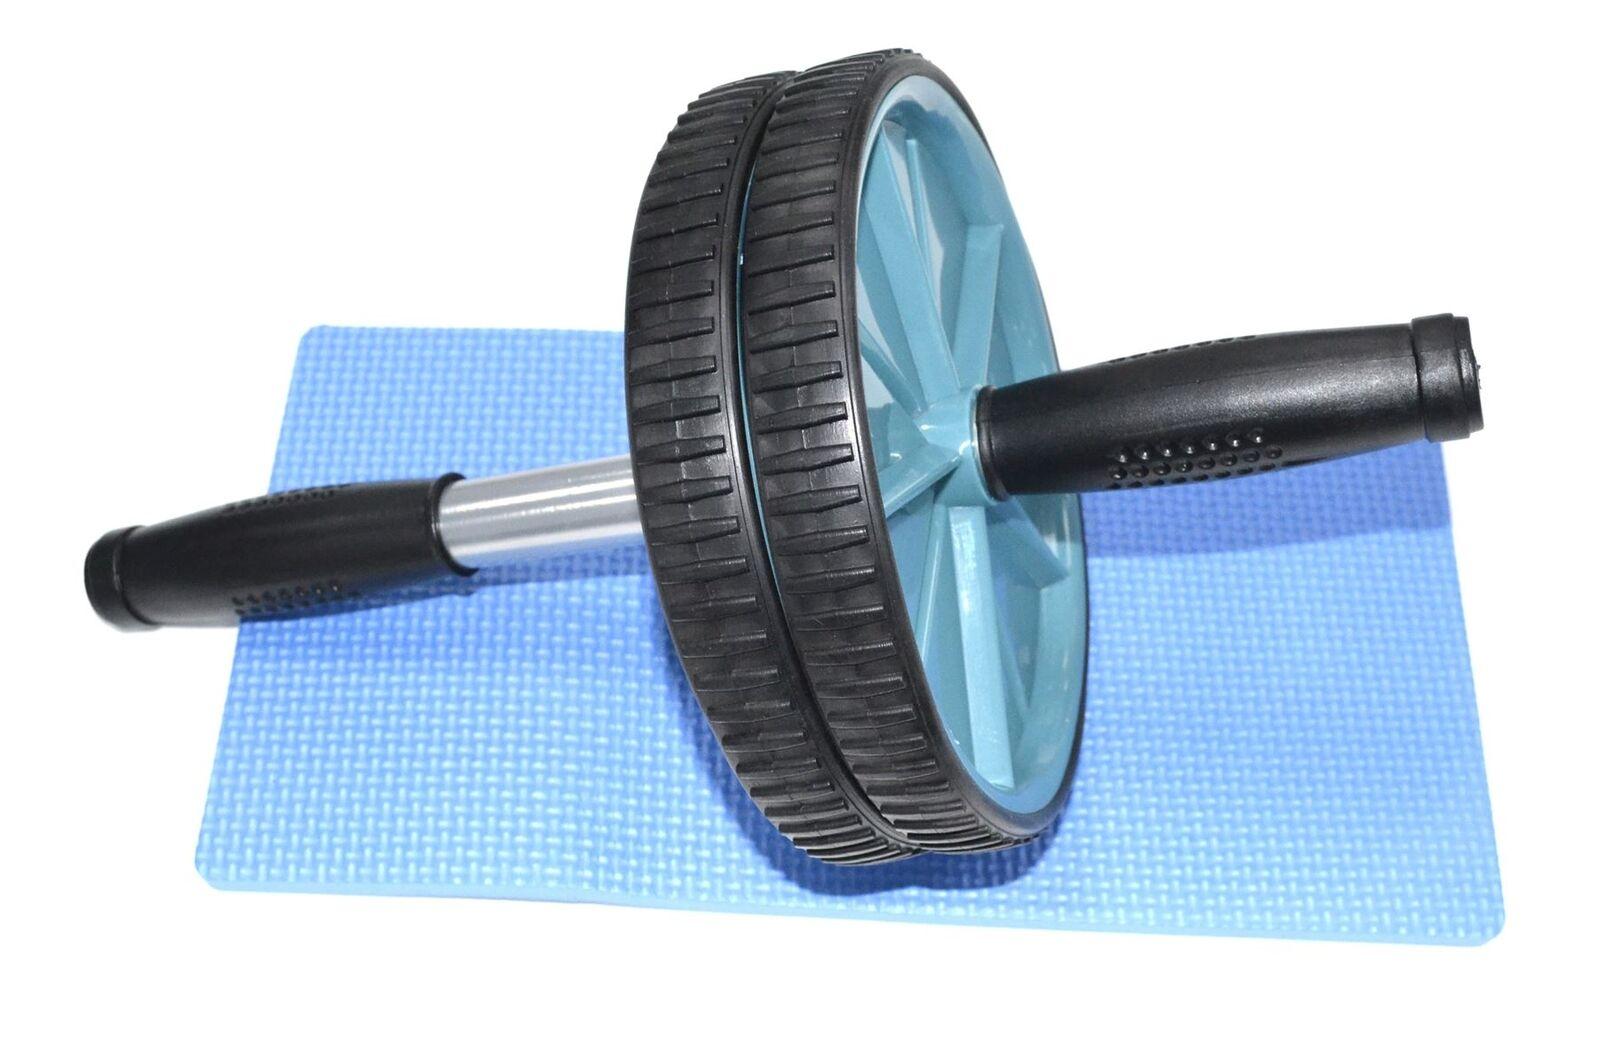 ABS Rouleau Roue & Genou Tapis de protection, Soft confortable Soft protection, Grip Poignées Pour Gym ef0503